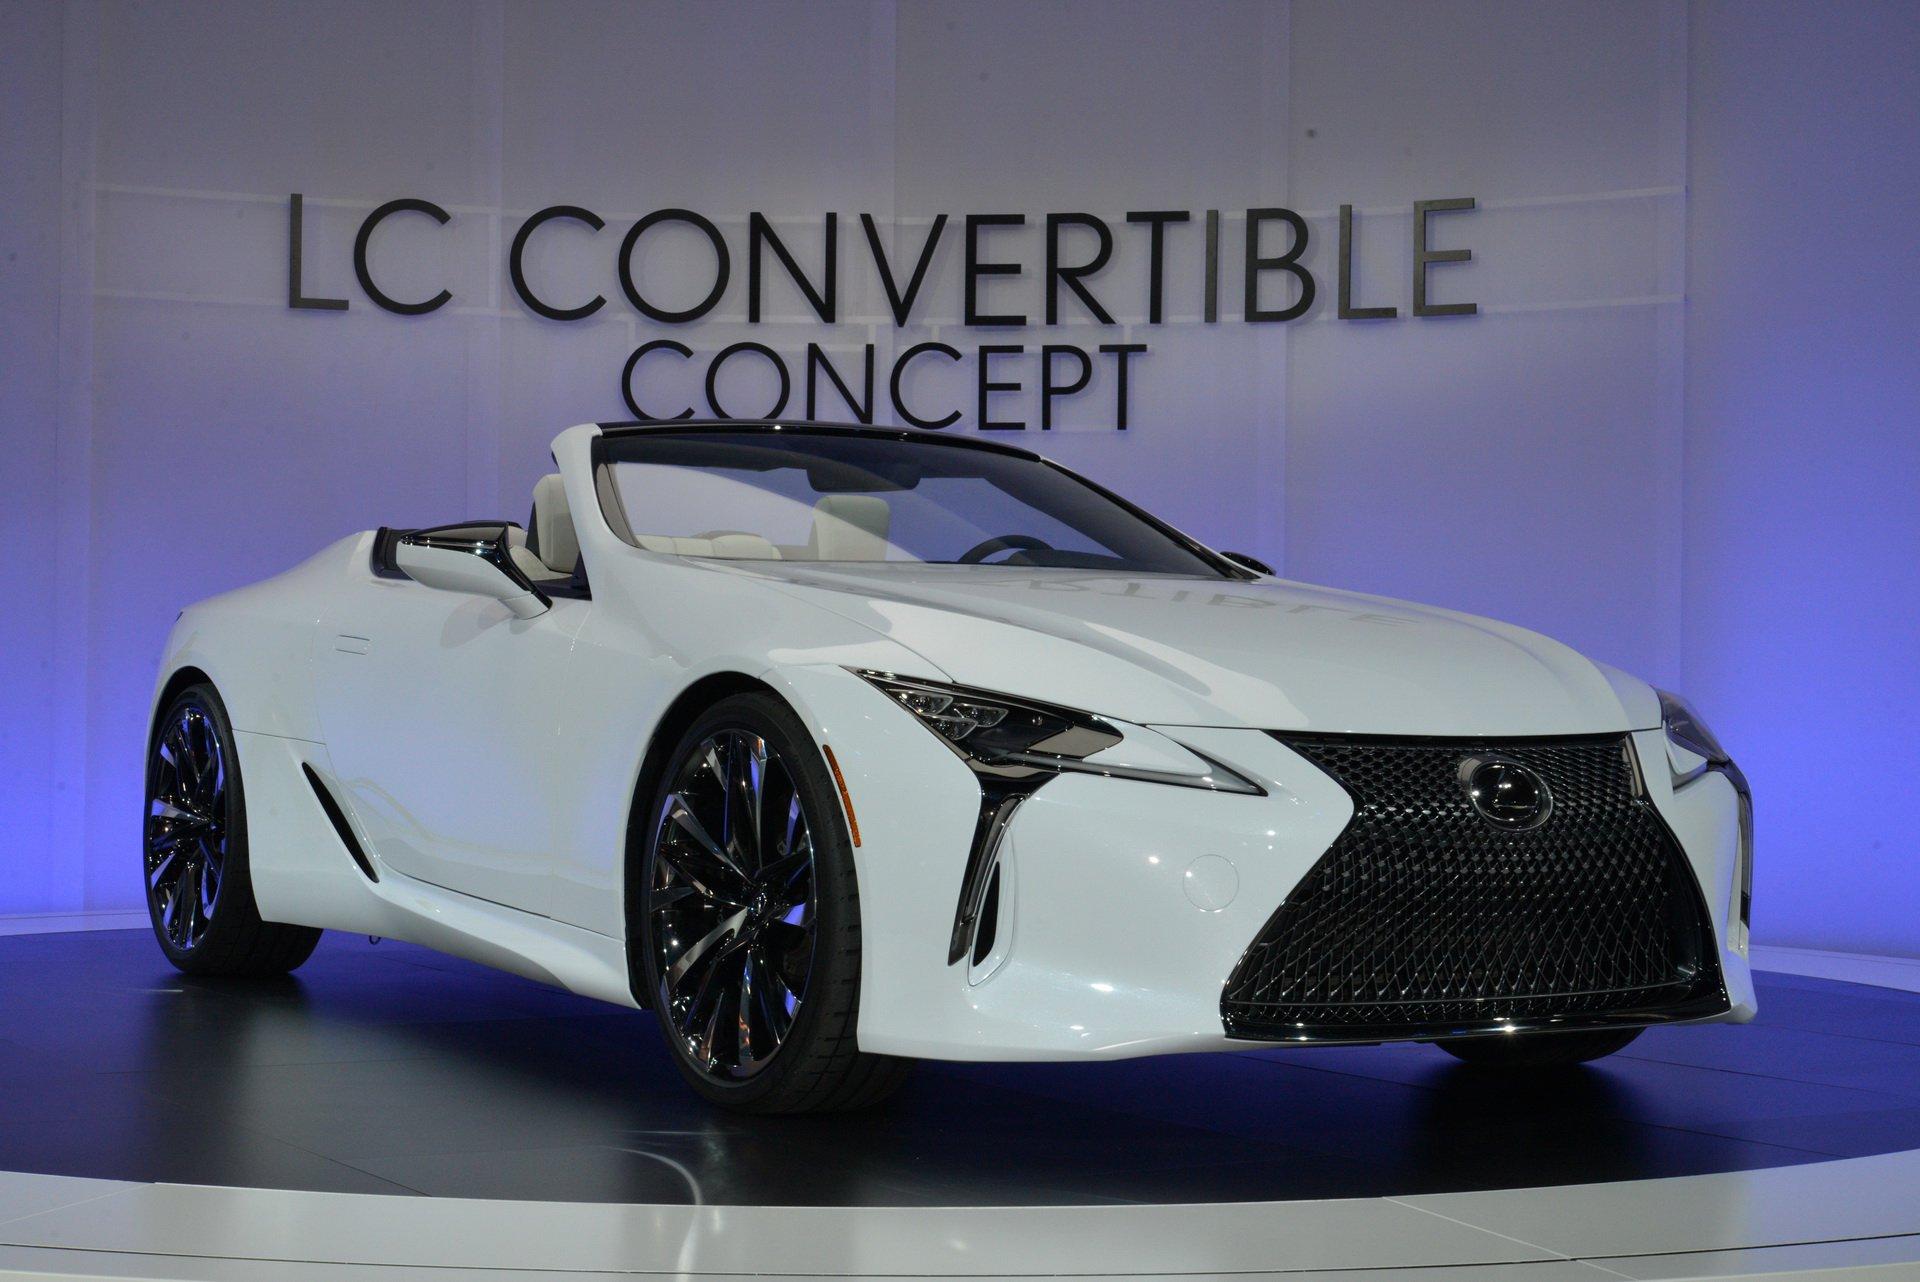 2019北美车展|最接近量产车的概念车 雷克萨斯敞篷版LC亮相